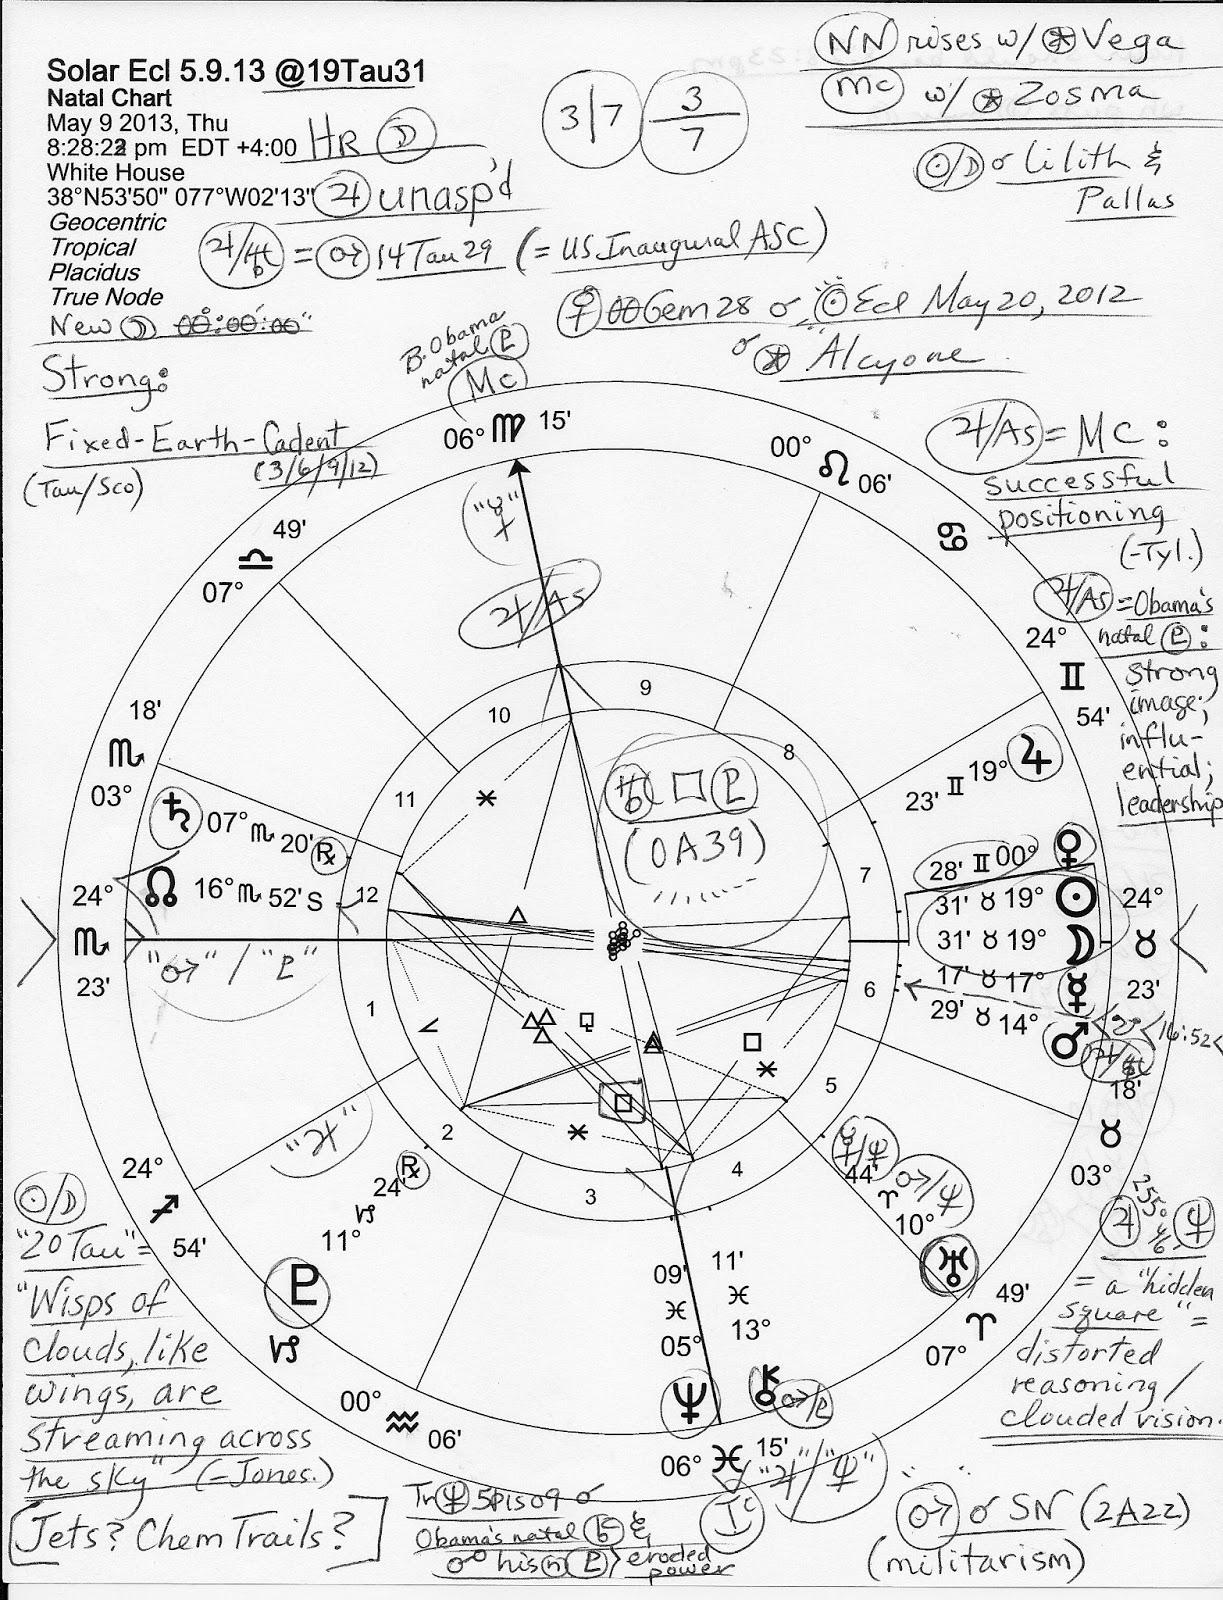 Stars Over Washington Horoscope May 9 Solar